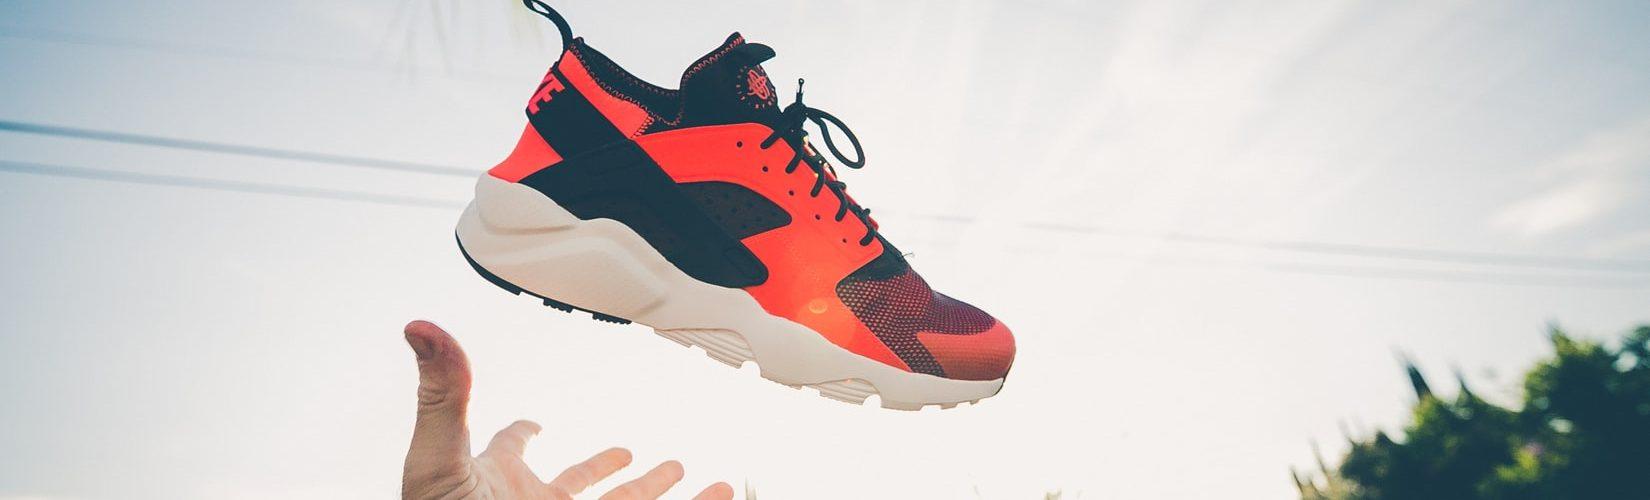 rode-sneaker